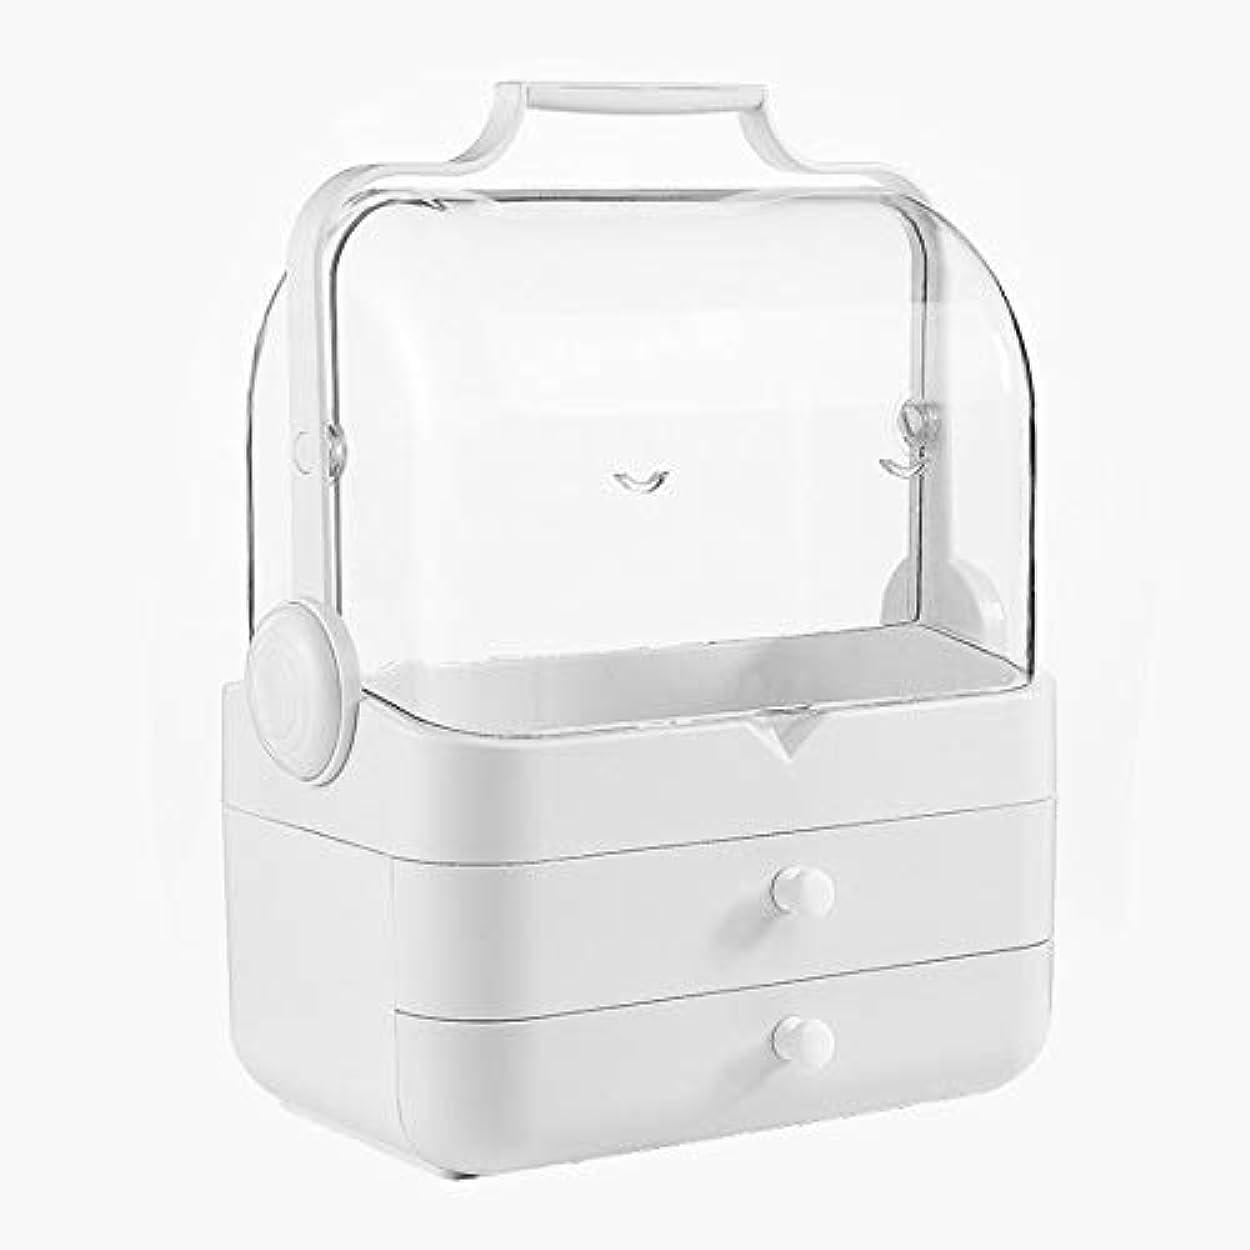 コールドホバート起きて化粧箱、白い大容量フリップ防塵化粧品ケース、ポータブル旅行化粧品ケース、美容ネイルジュエリー収納ボックス